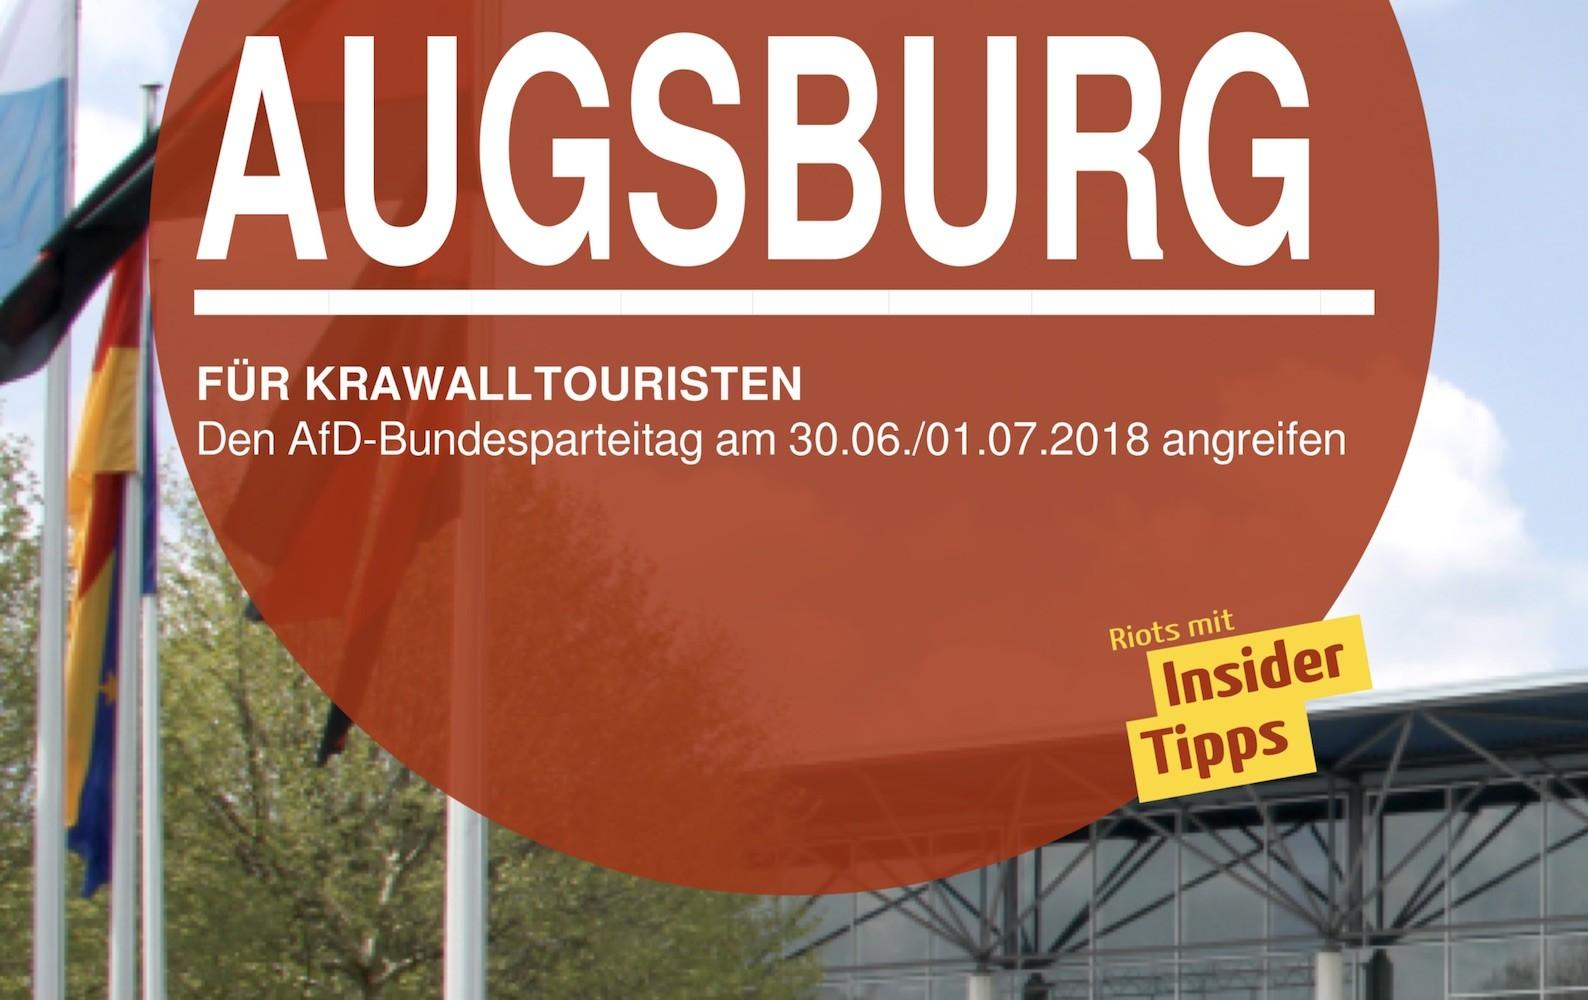 Allemagne : les antifas publient un guide du «touriste émeutier» avant une réunion de l'AfD